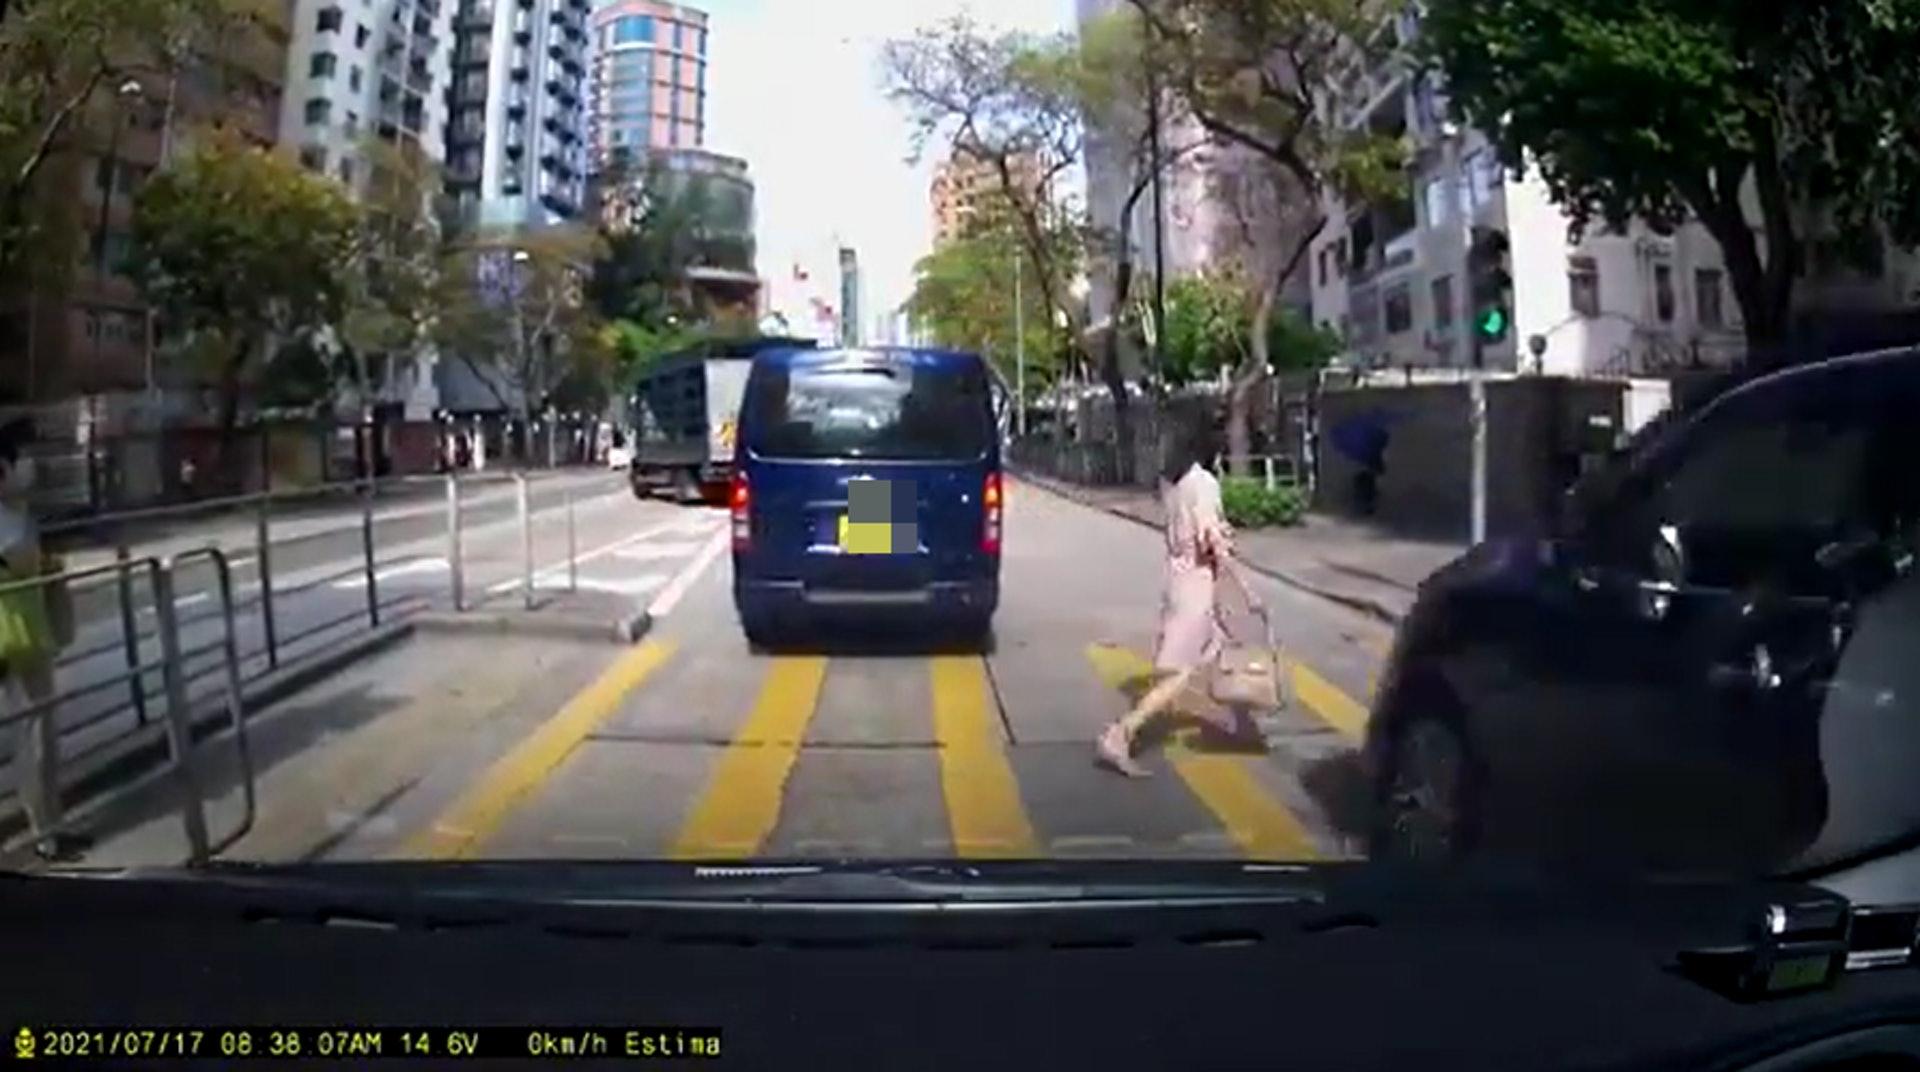 太子道西近加多利大廈對開一安全島上,有一名女子過馬路疑衝紅燈。(網上片段)